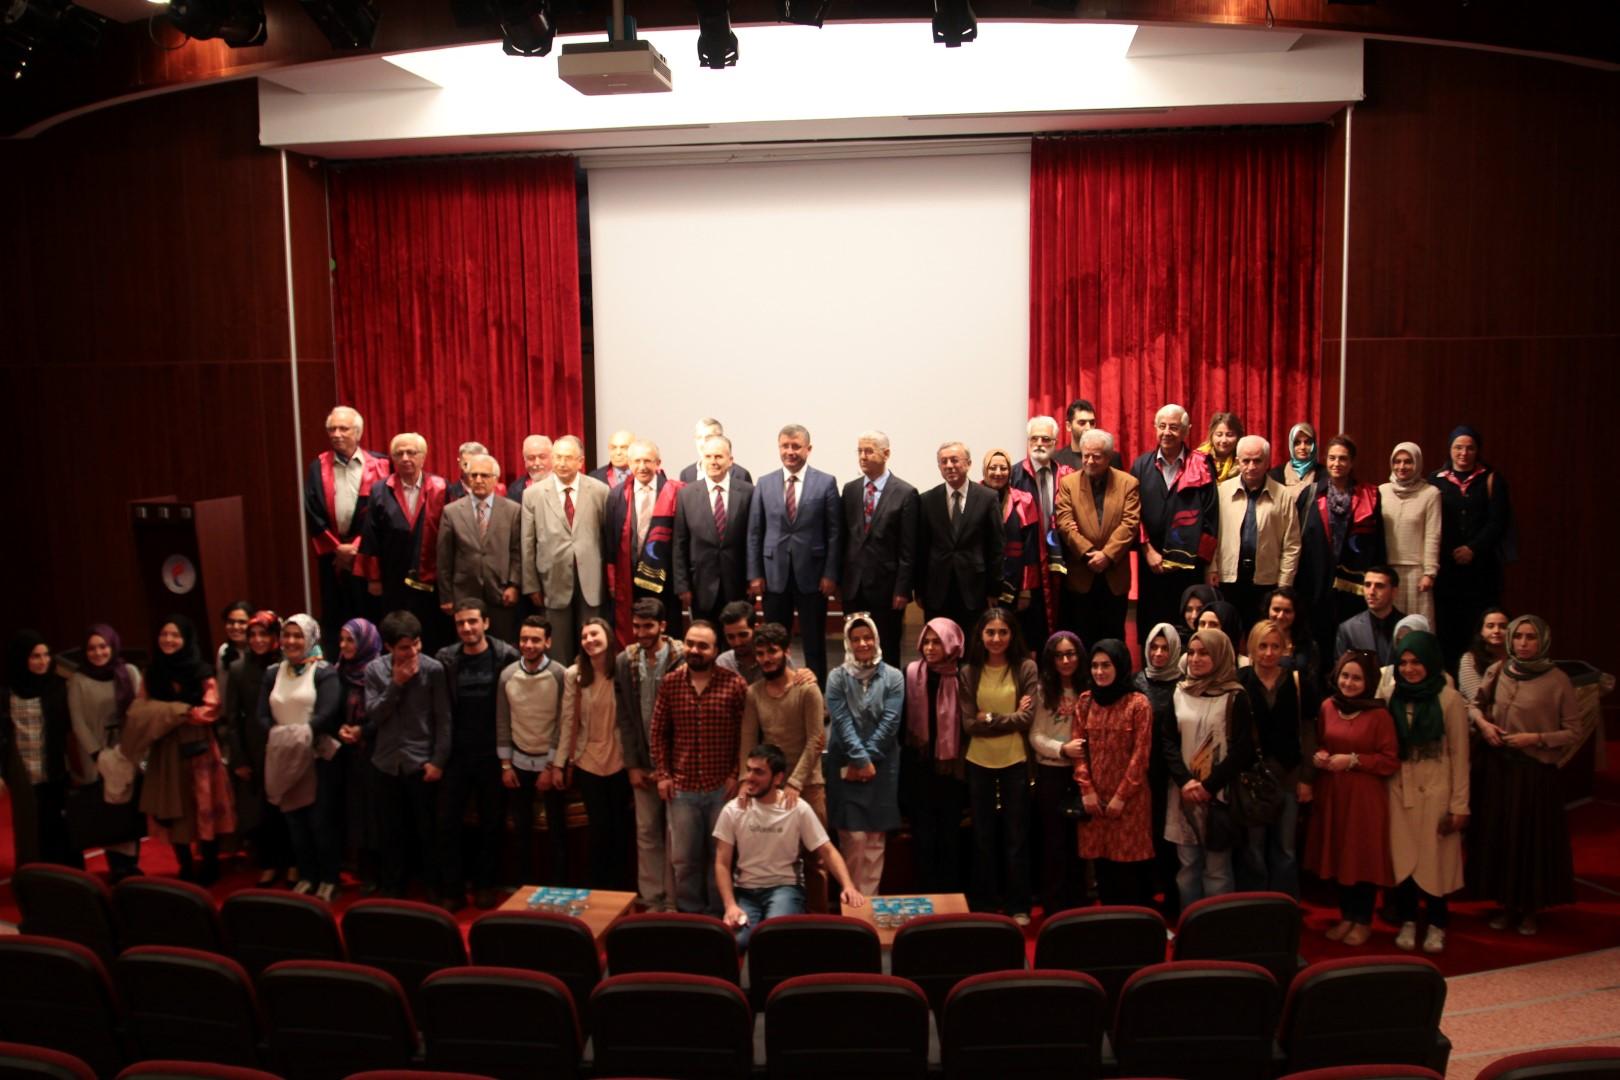 http://gsf.fatihsultan.edu.tr/resimler/upload/Kultur-ve-Sanatin-Baskenti-Istanbul-Konulu-Acilis-Dersi-Yapildi-5290914.jpg